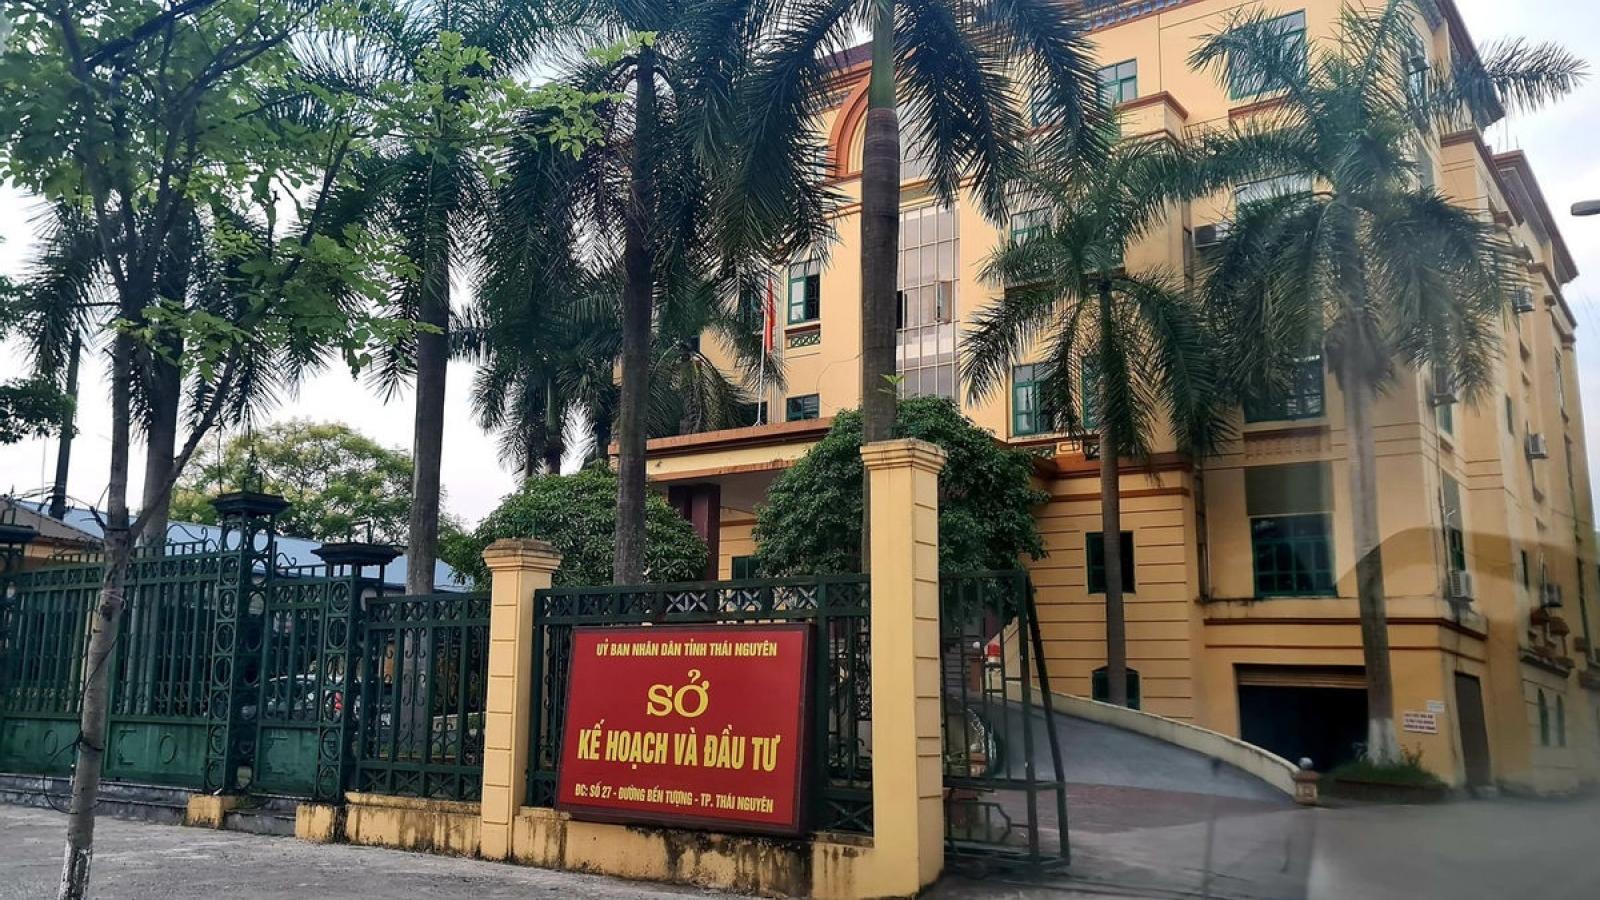 Ủy ban Kiểm tra Tỉnh ủy Thái Nguyên xác minh việc PGĐ Sở bị tố sàm sỡ nhân viên